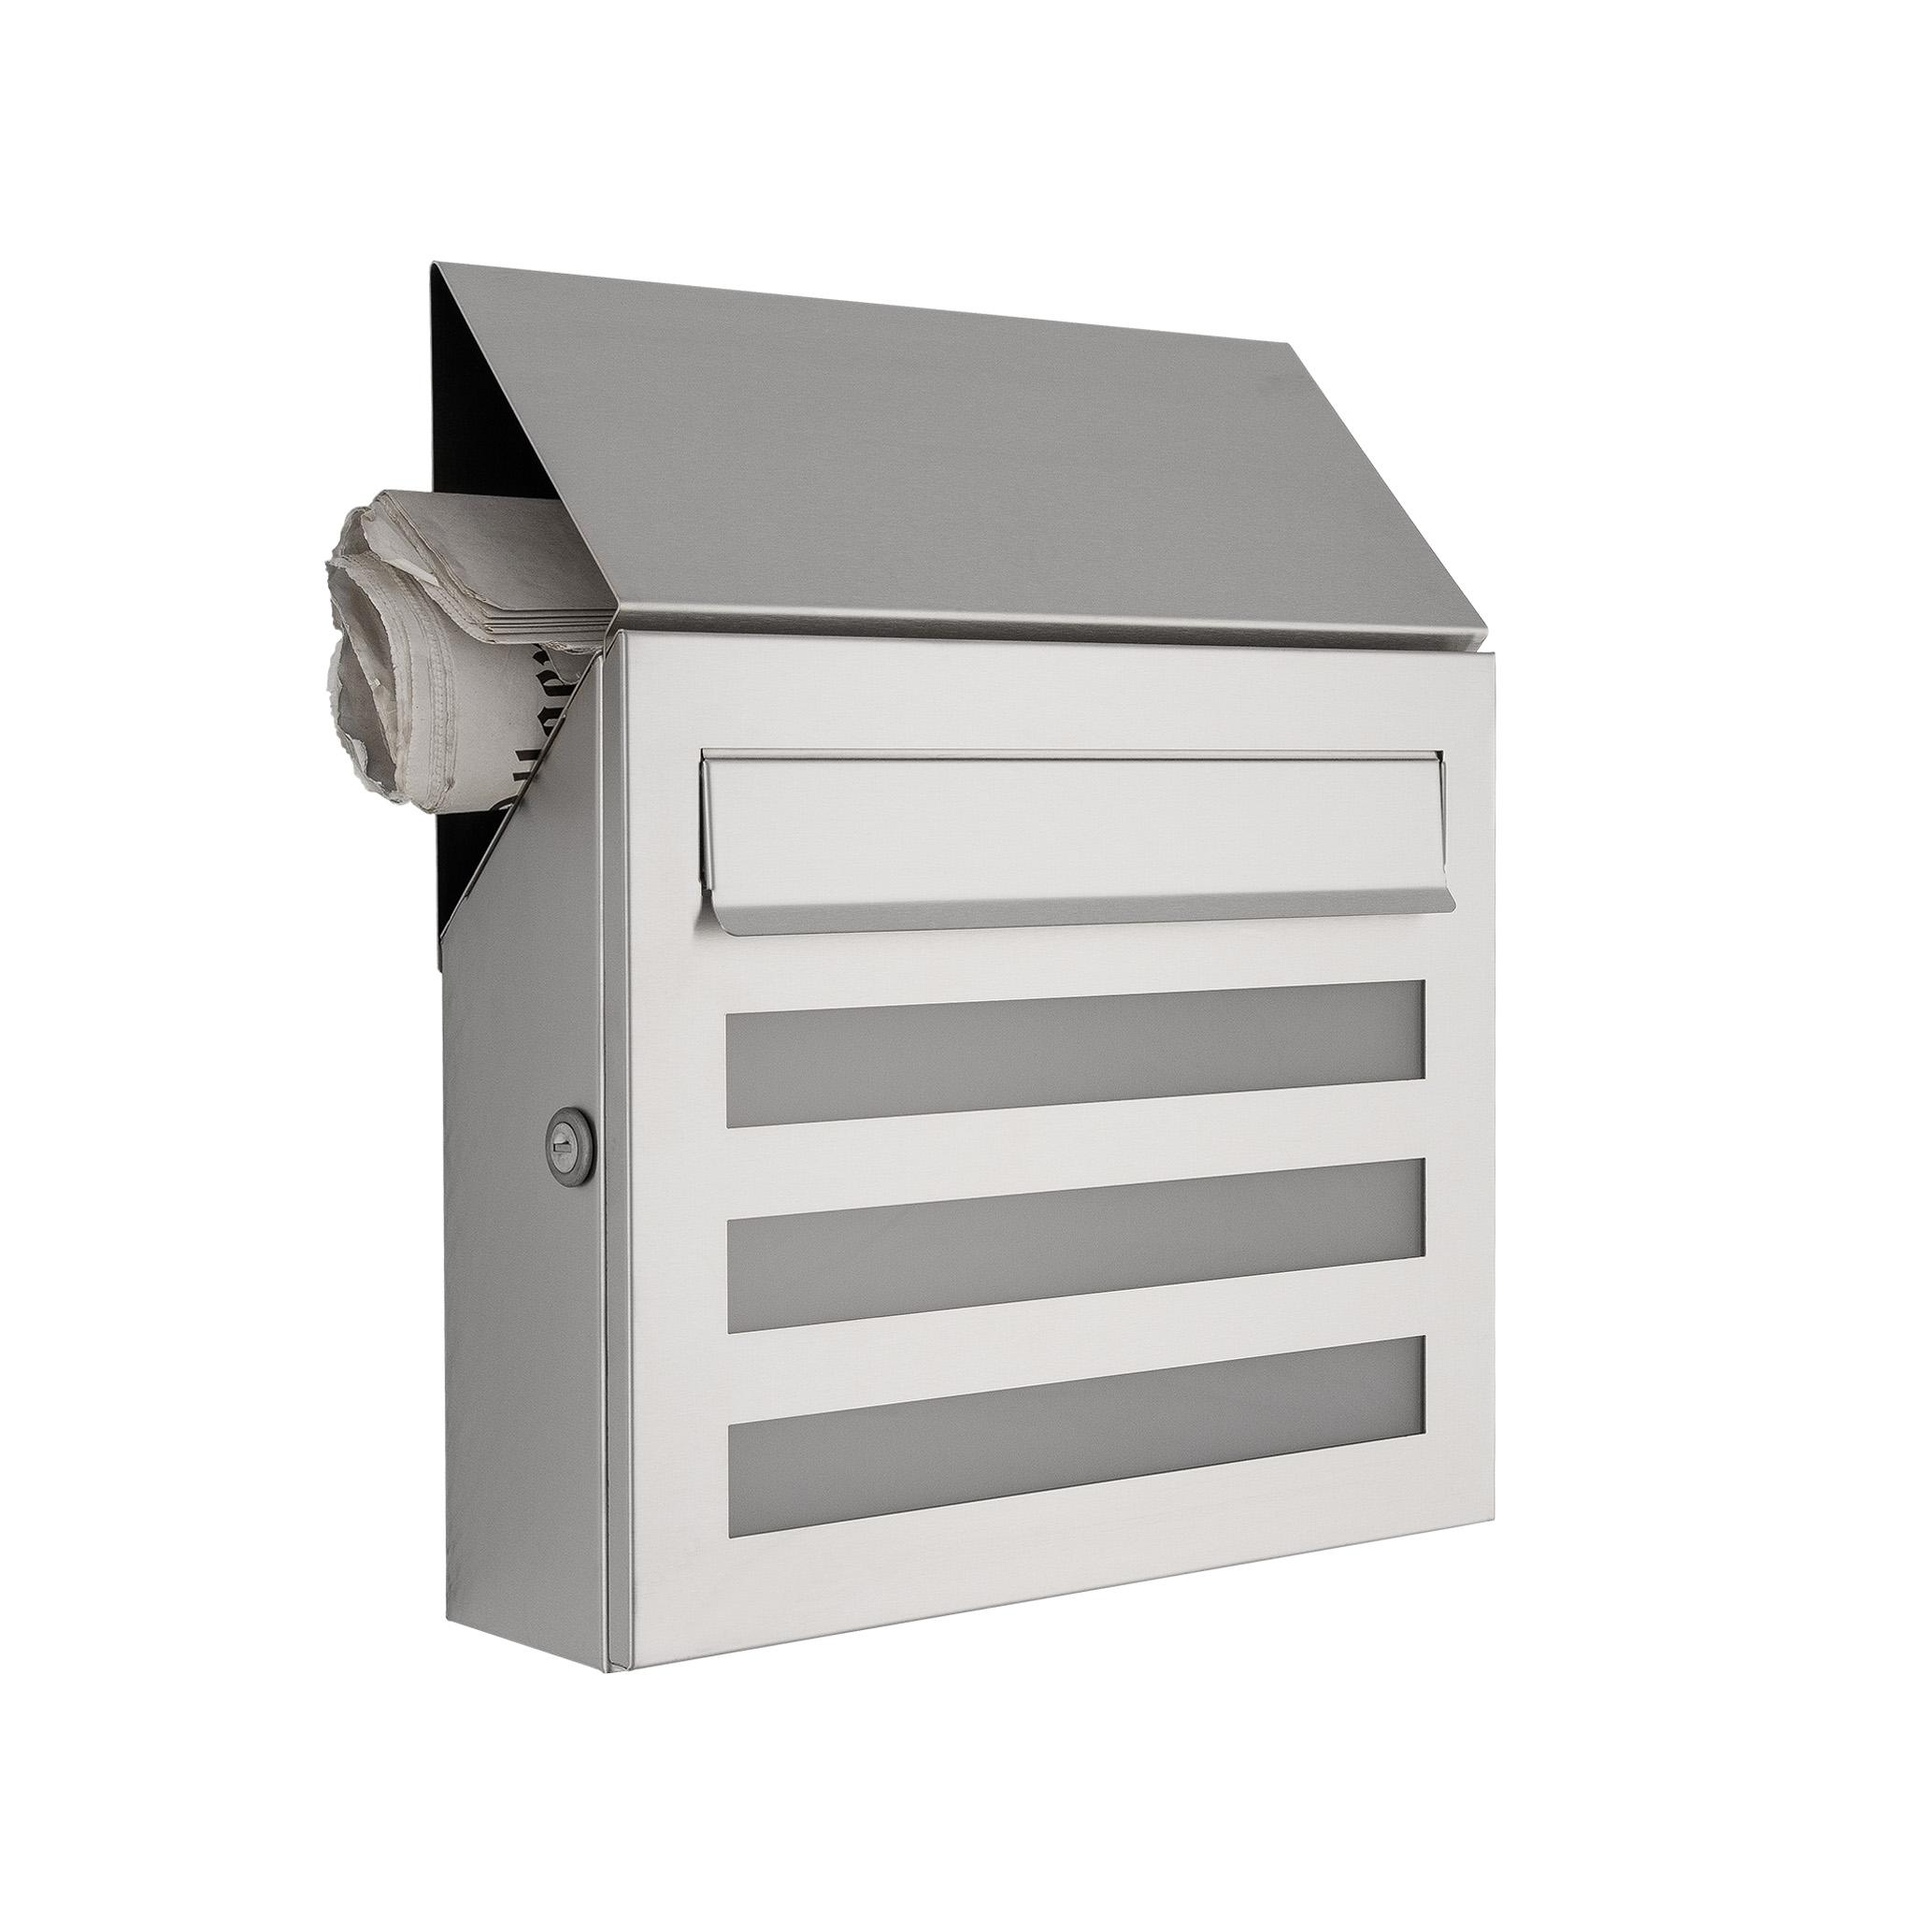 briefkasten aus edelstahl mit acrylglasscheibe zeitungsfach wohnlicht. Black Bedroom Furniture Sets. Home Design Ideas